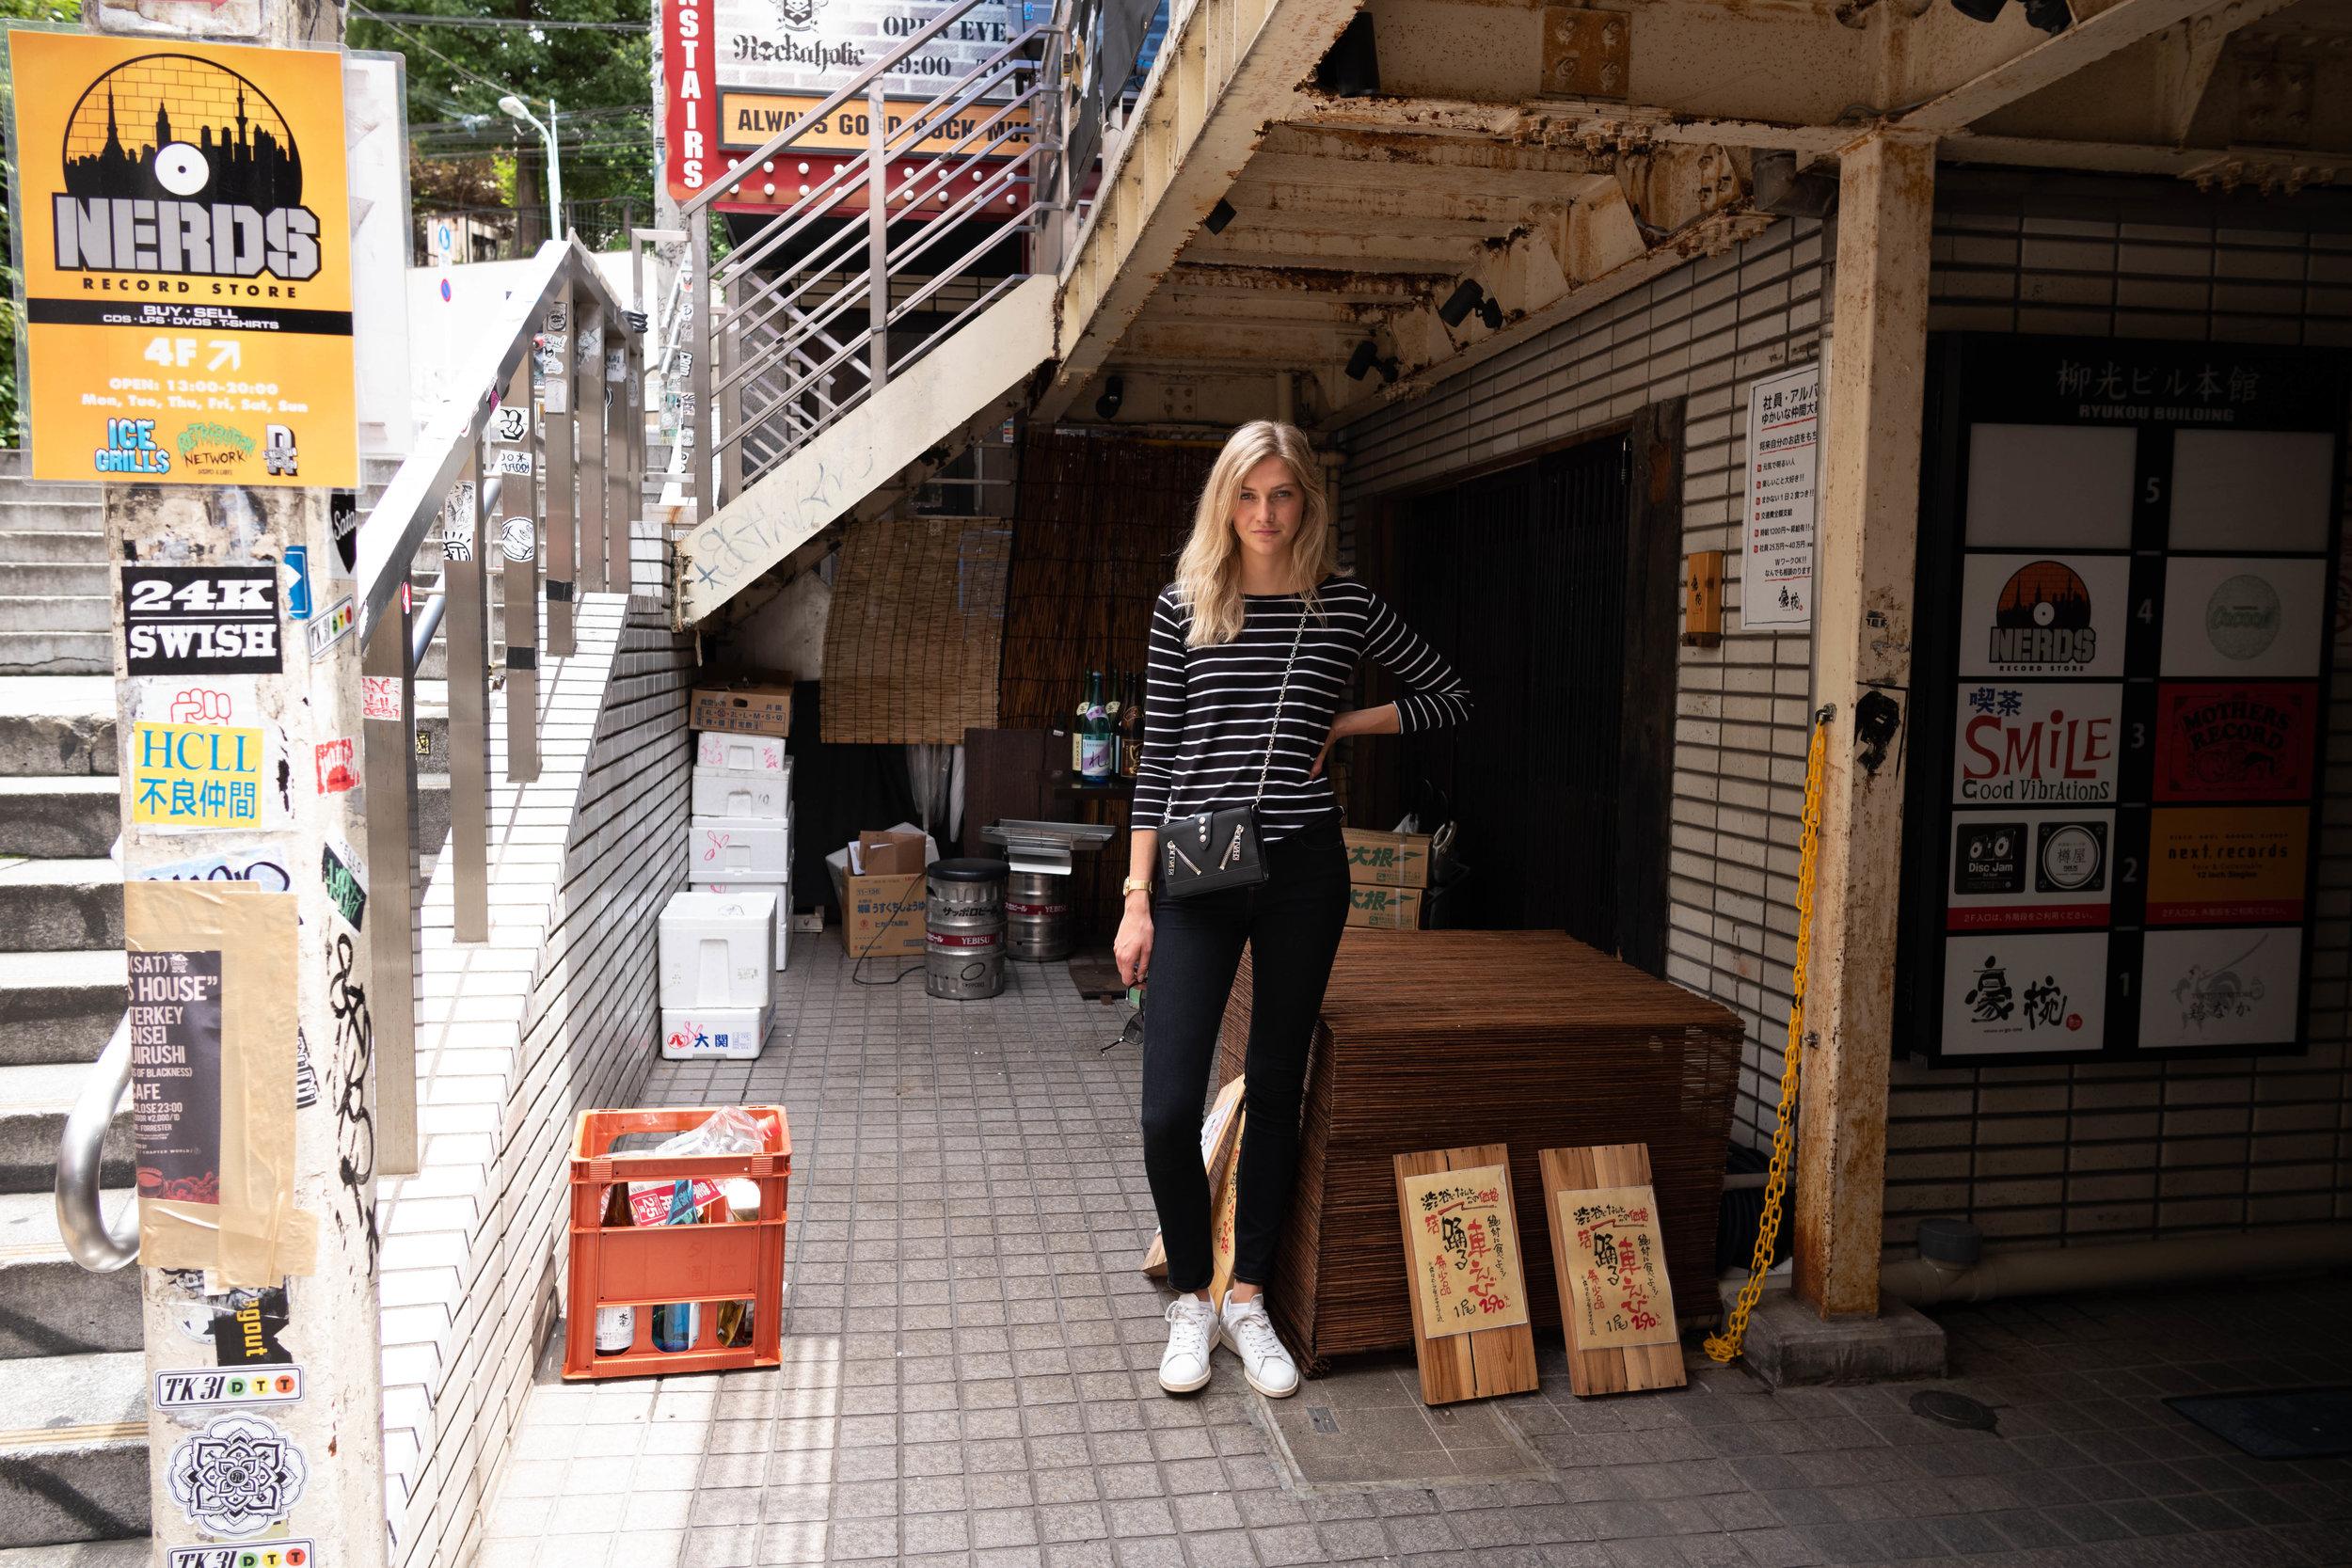 Shibuya - Leica M10 + Leica 24mm f/1.4 Summilux-M ASPH - ISO 400, f/4, 1/125s